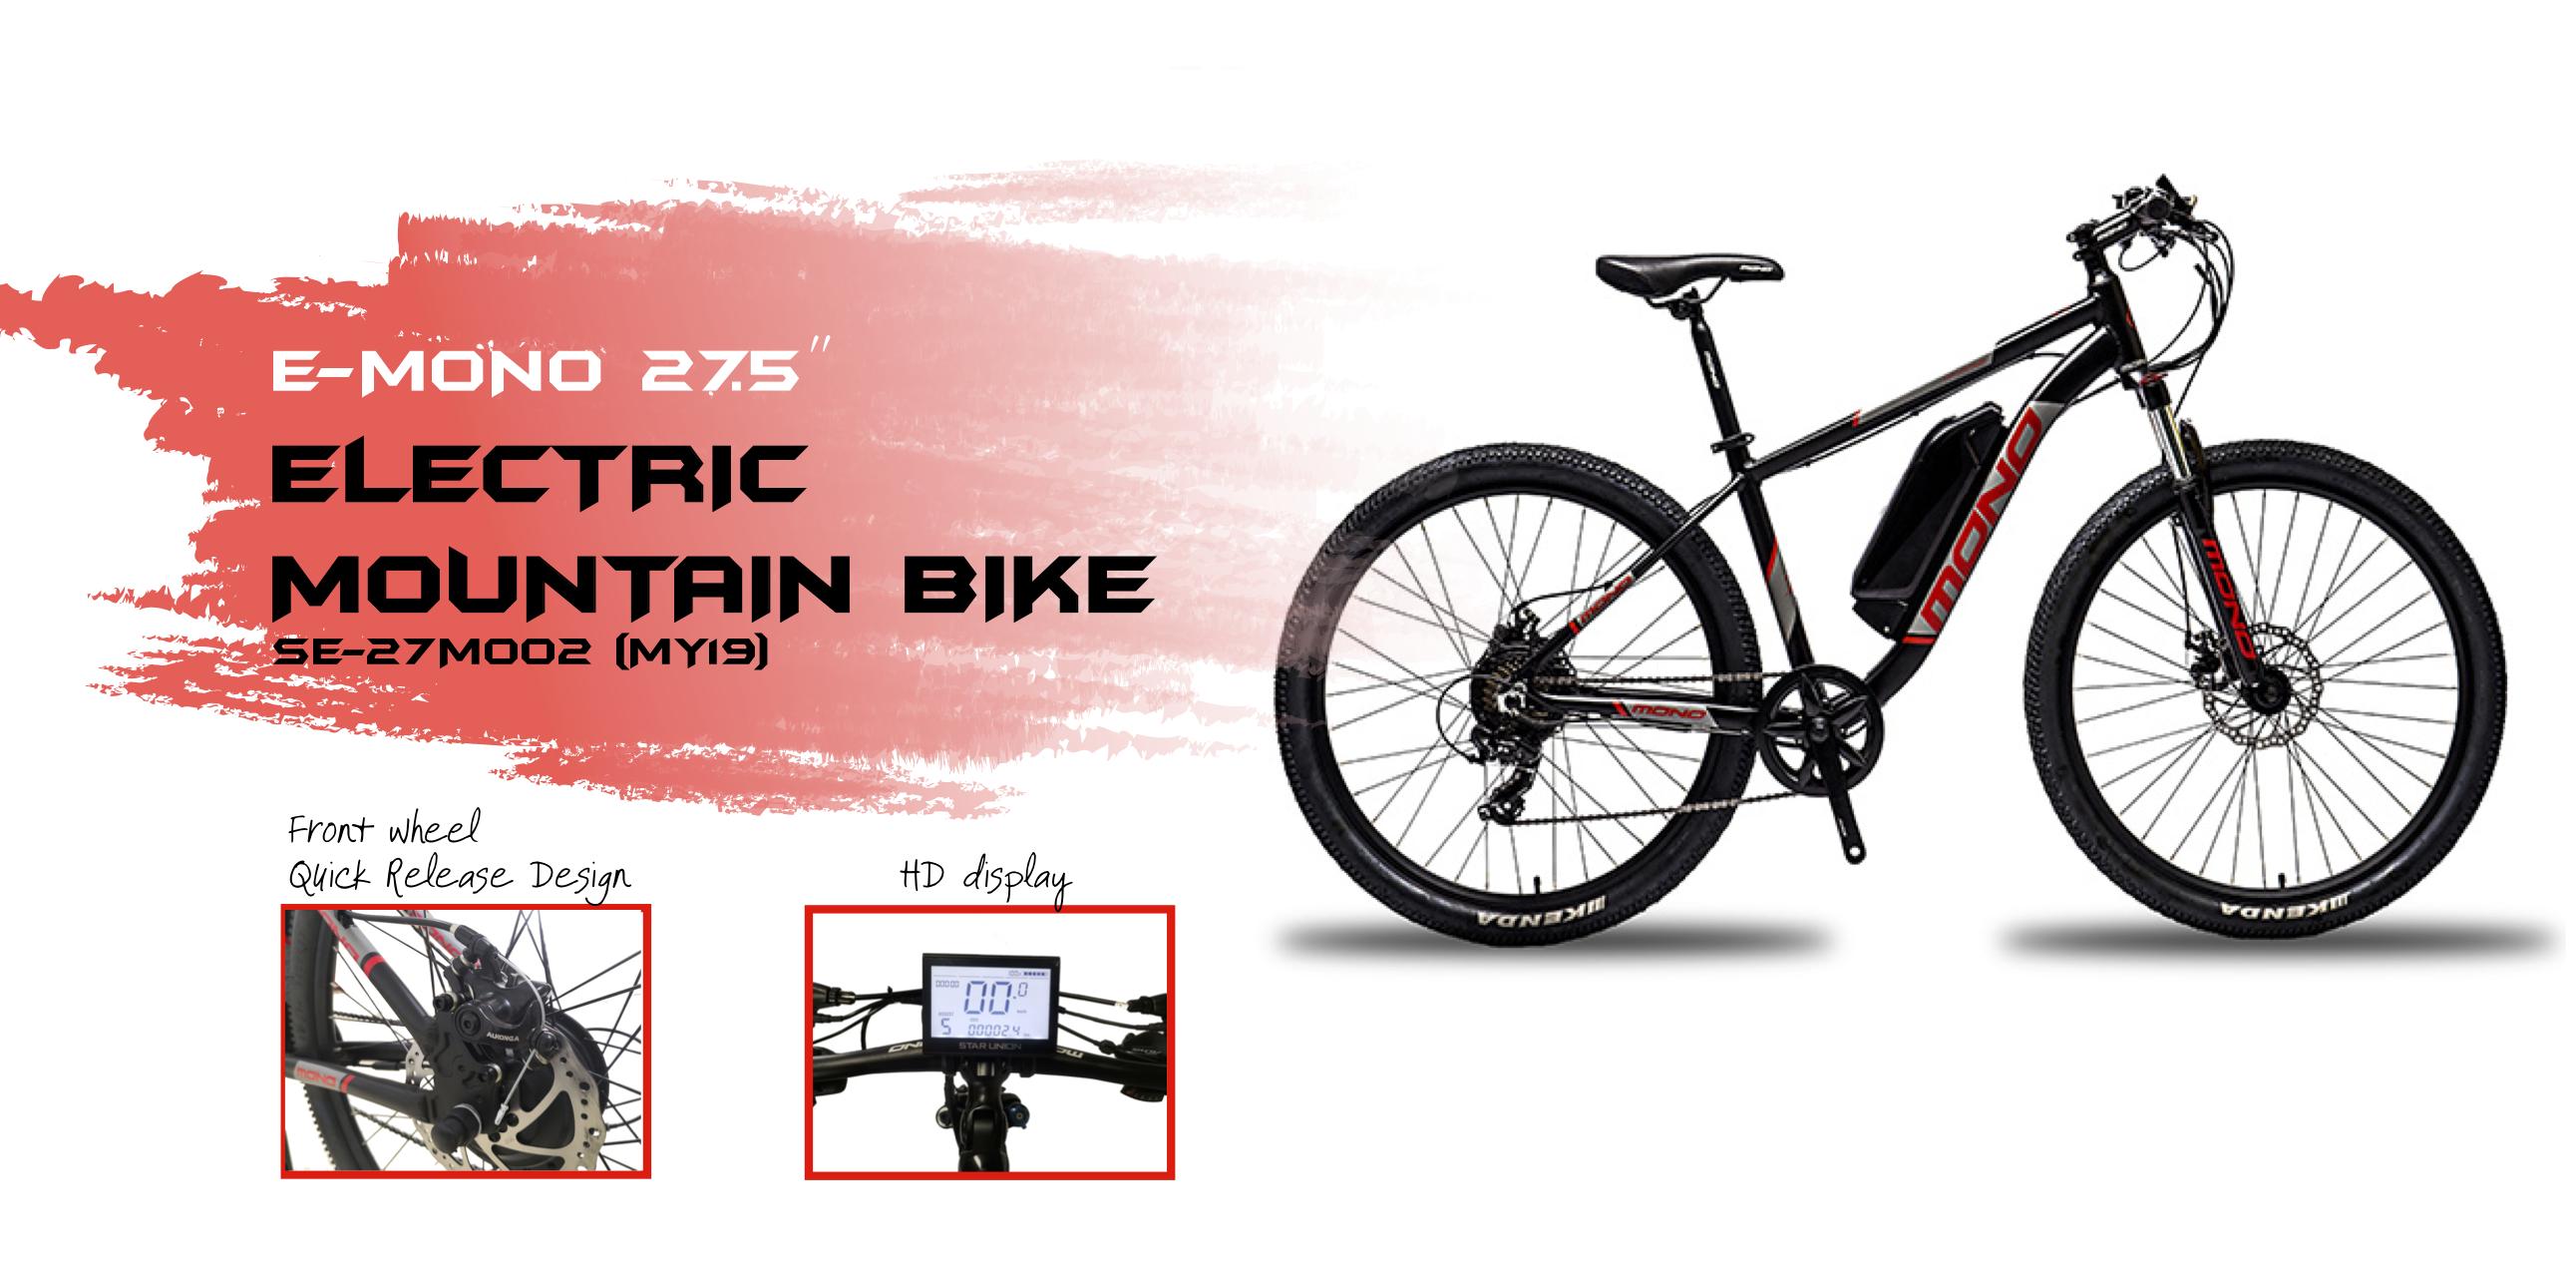 E-Mono-27.5-Electric-Mountain-Bike-SE-27M002